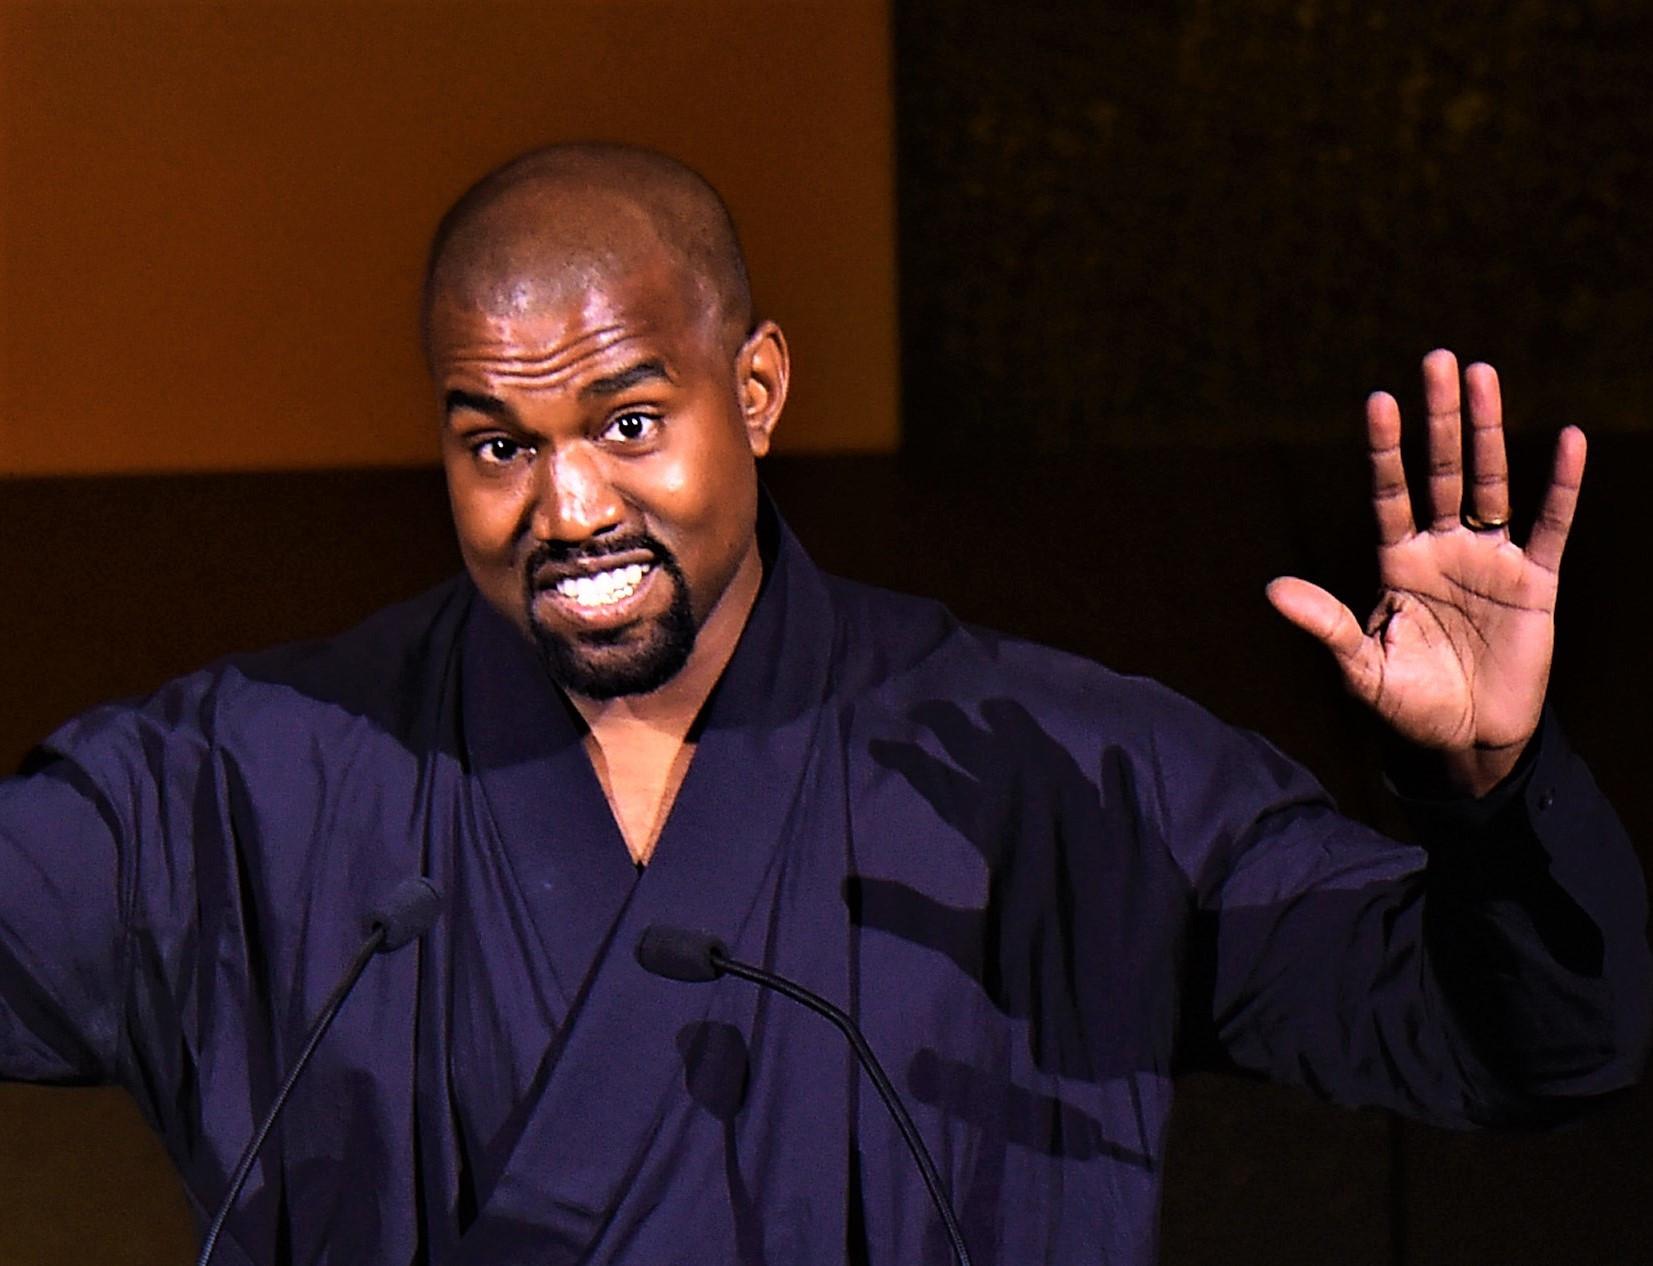 Igreja de Kanye West: os cultos ao 'deus' do hip hop e os fiéis famosos